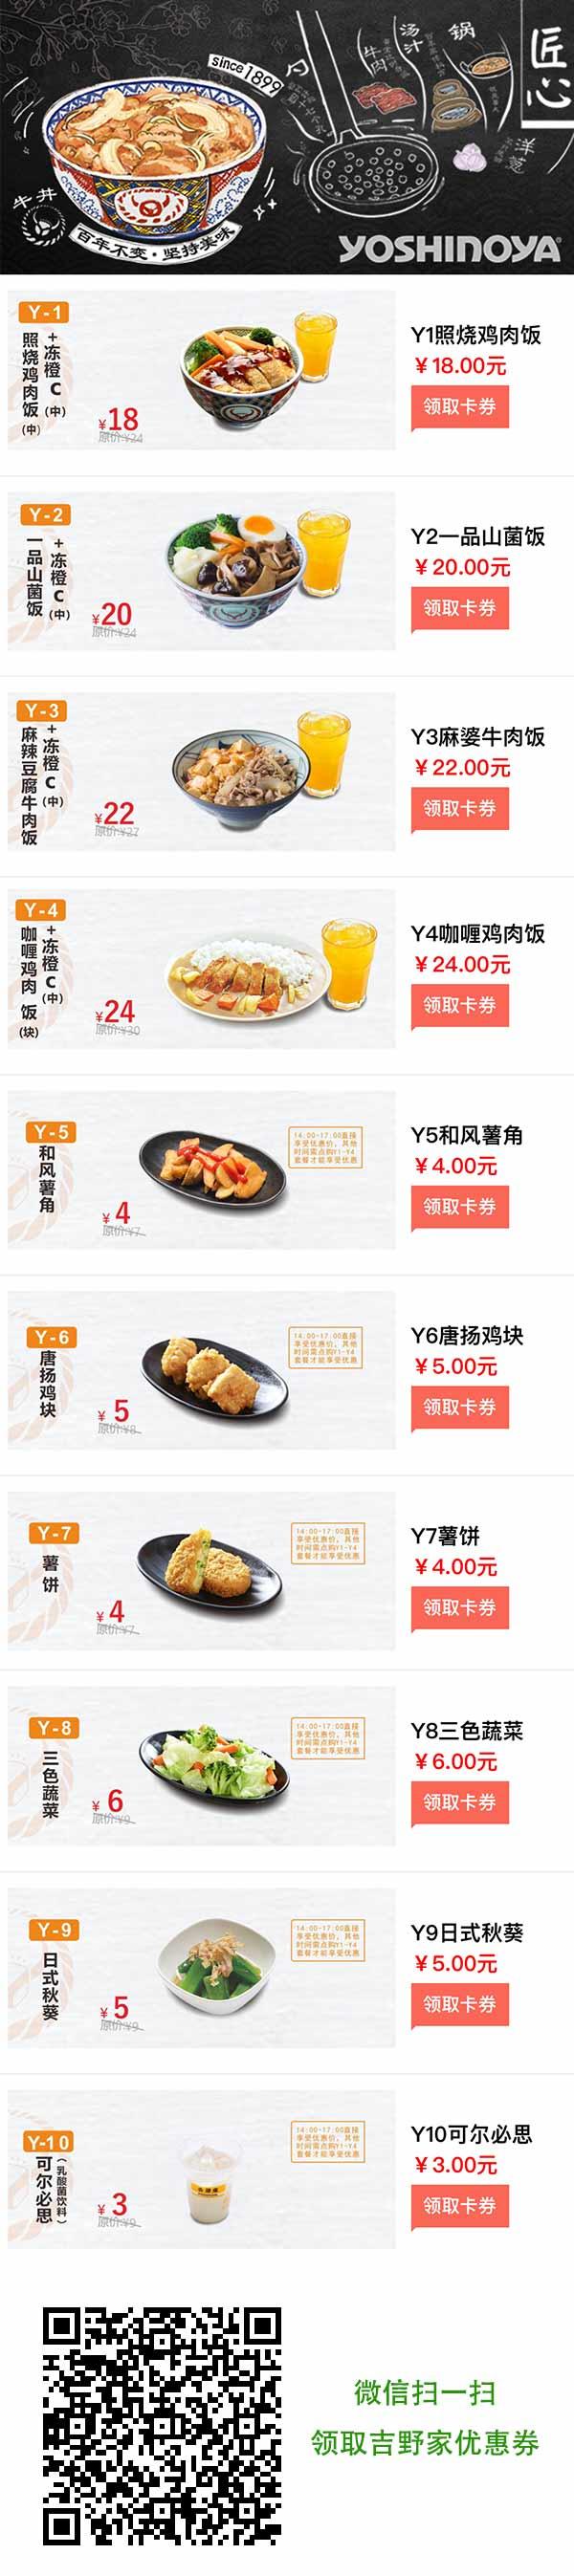 广东吉野家2018年11月12月优惠券,多款套餐美食享优惠价